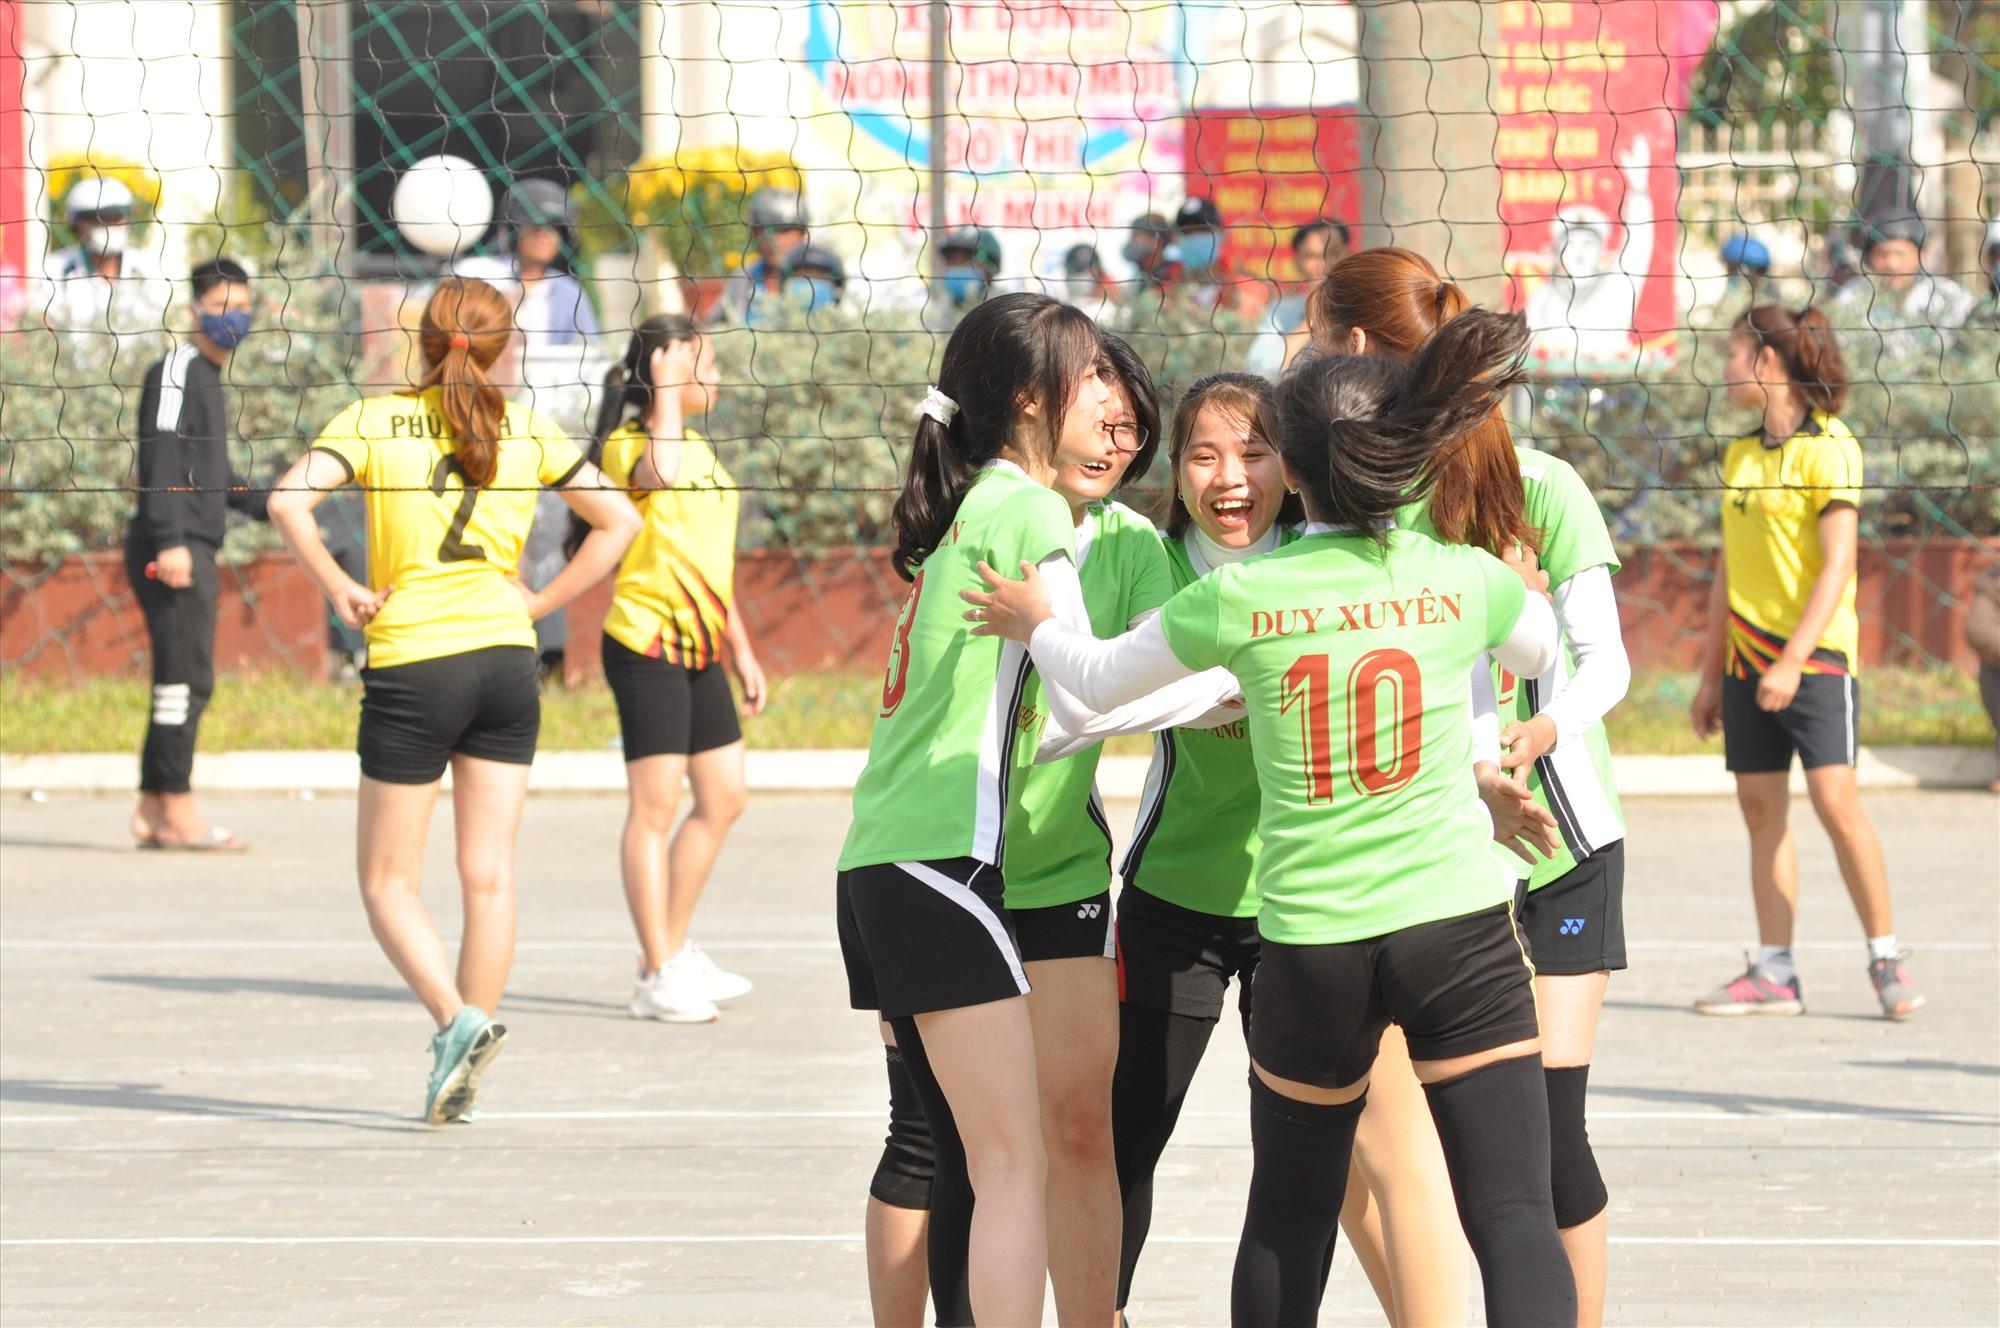 Niềm vui của các vận động viên Duy Xuyên sau chiến thắng đầu tiên trước Phú Ninh. Ảnh: T.V